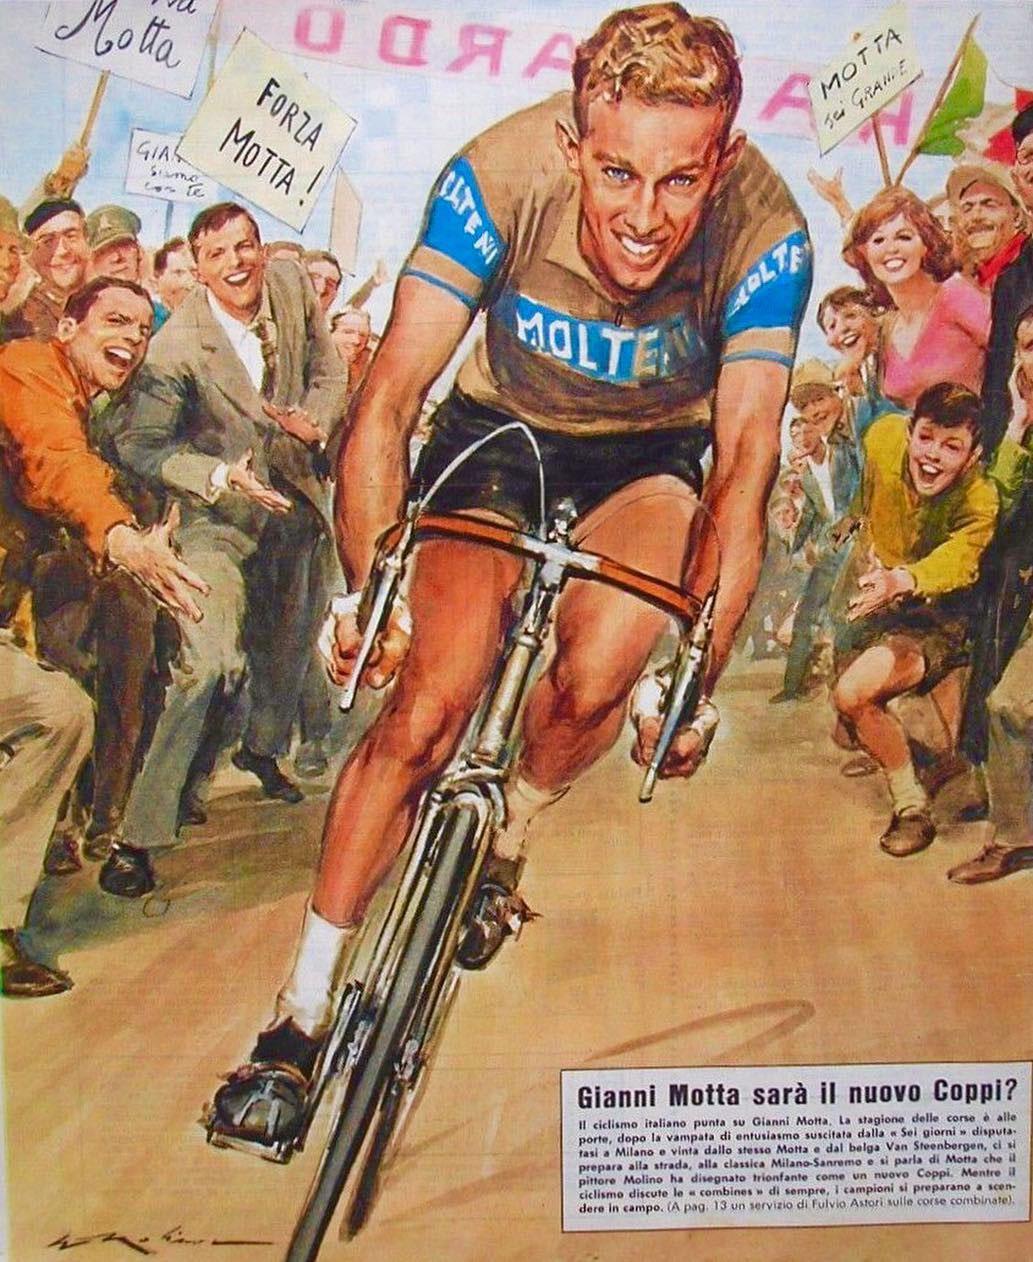 Gianni Motta disegnato su una rivista nel 1966